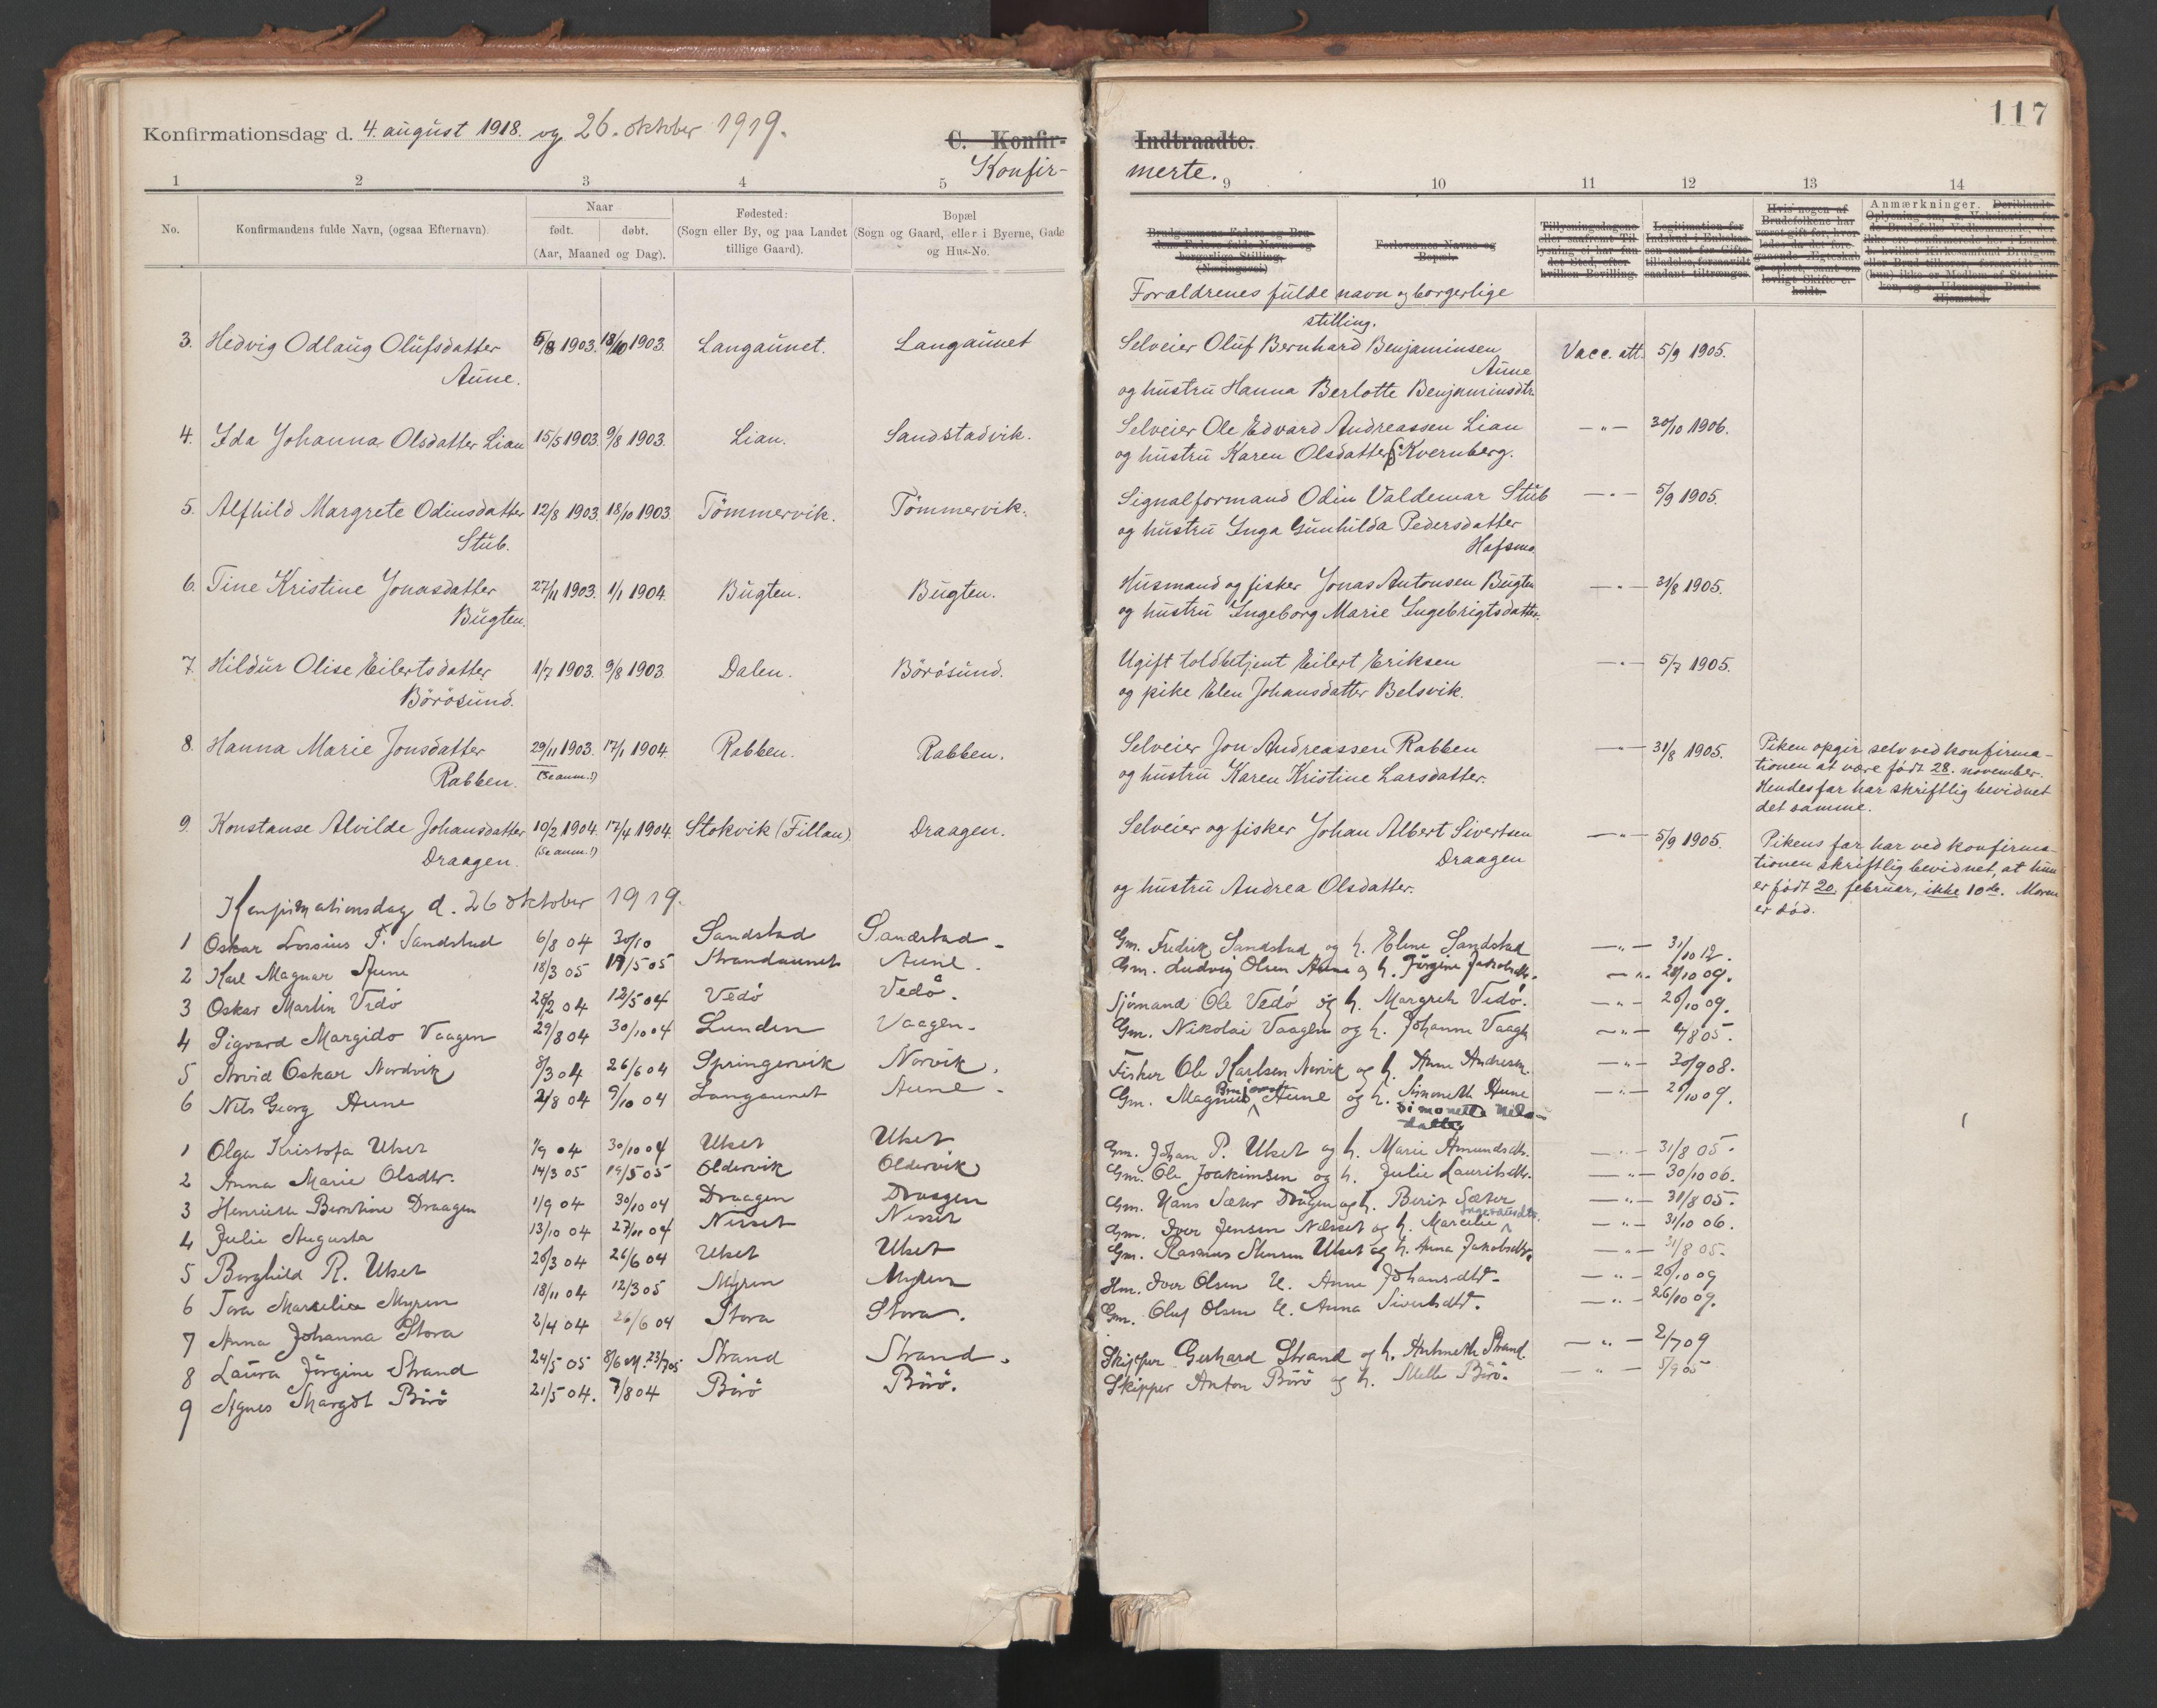 SAT, Ministerialprotokoller, klokkerbøker og fødselsregistre - Sør-Trøndelag, 639/L0572: Ministerialbok nr. 639A01, 1890-1920, s. 117